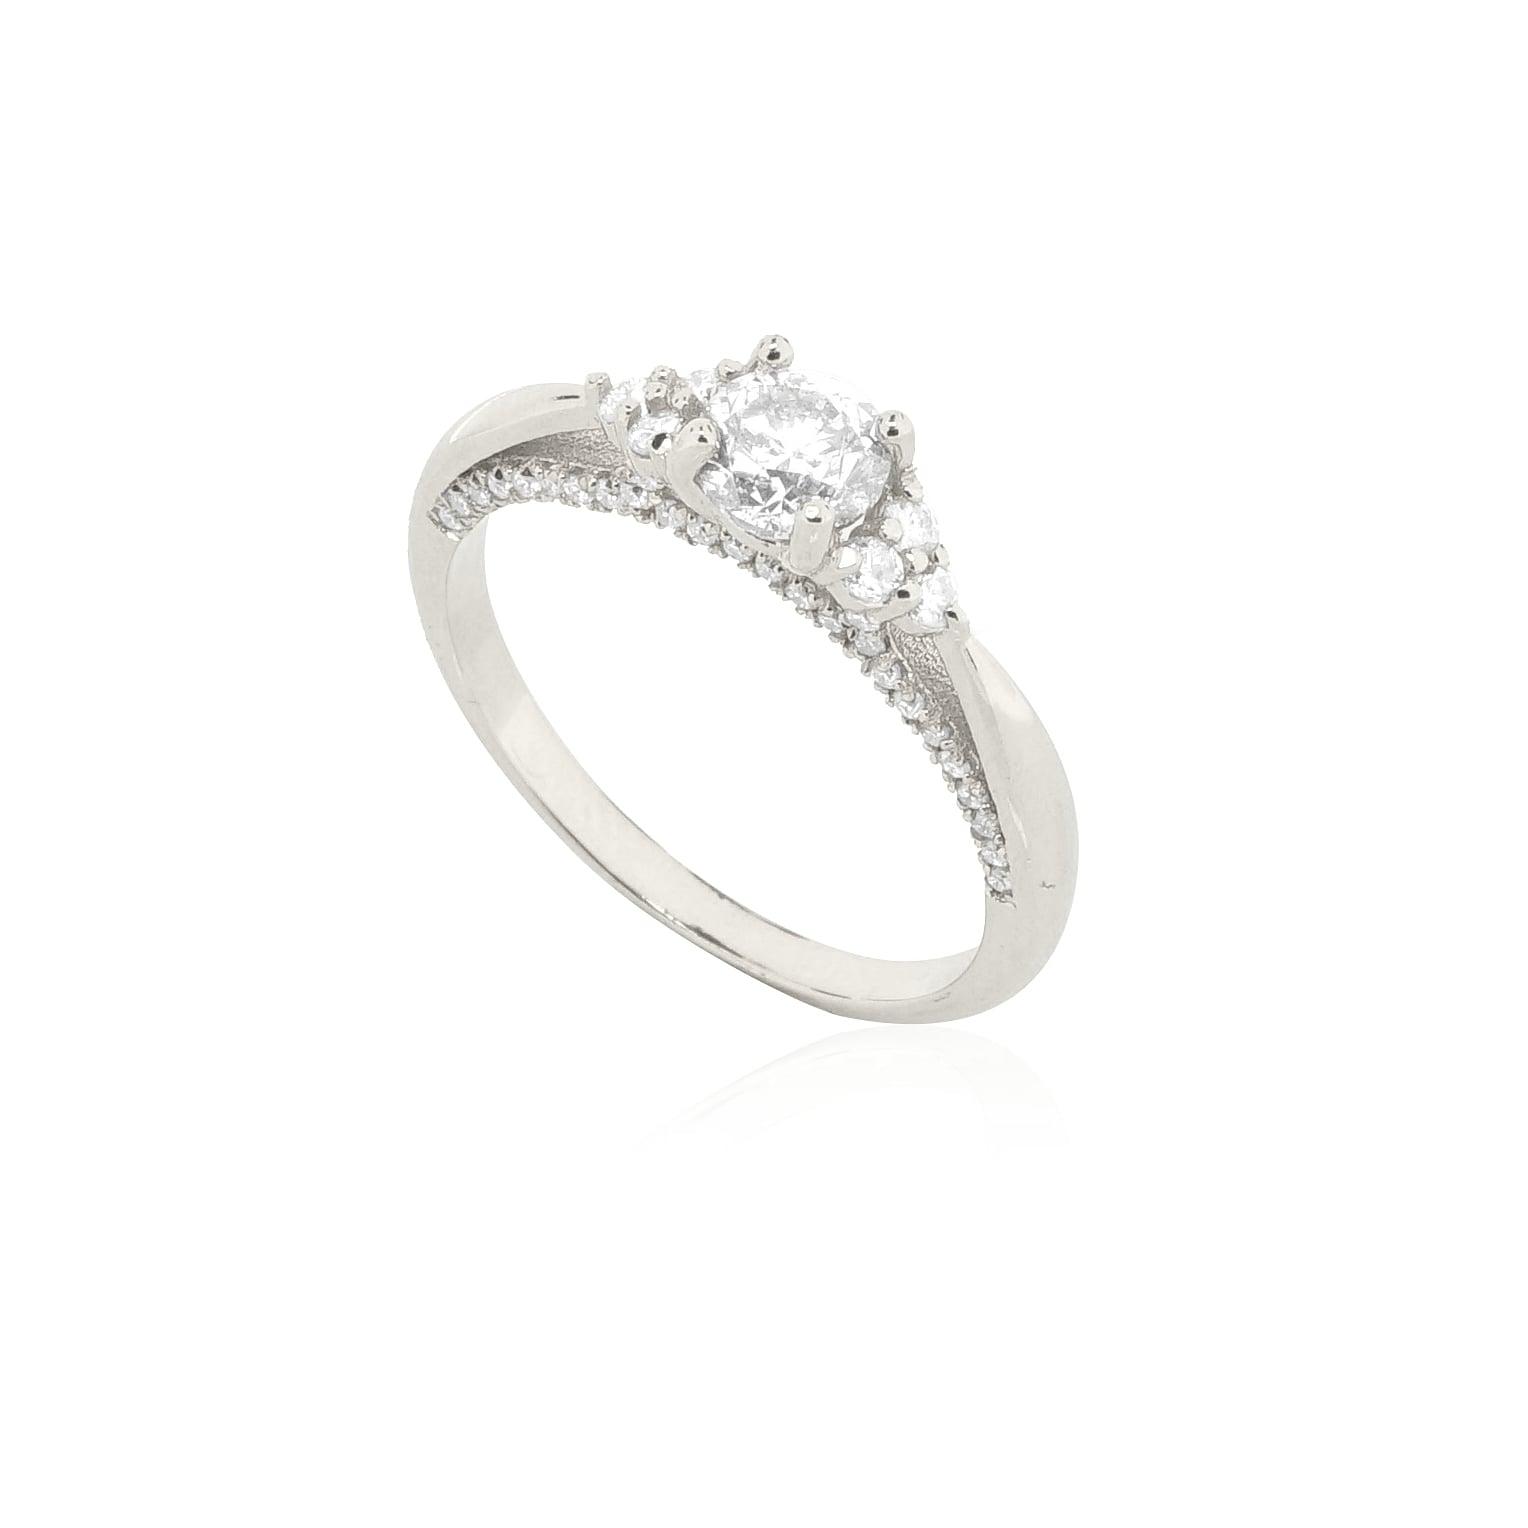 טבעת אירוסין יהלומים מרהיבה בזהב 14 קרט